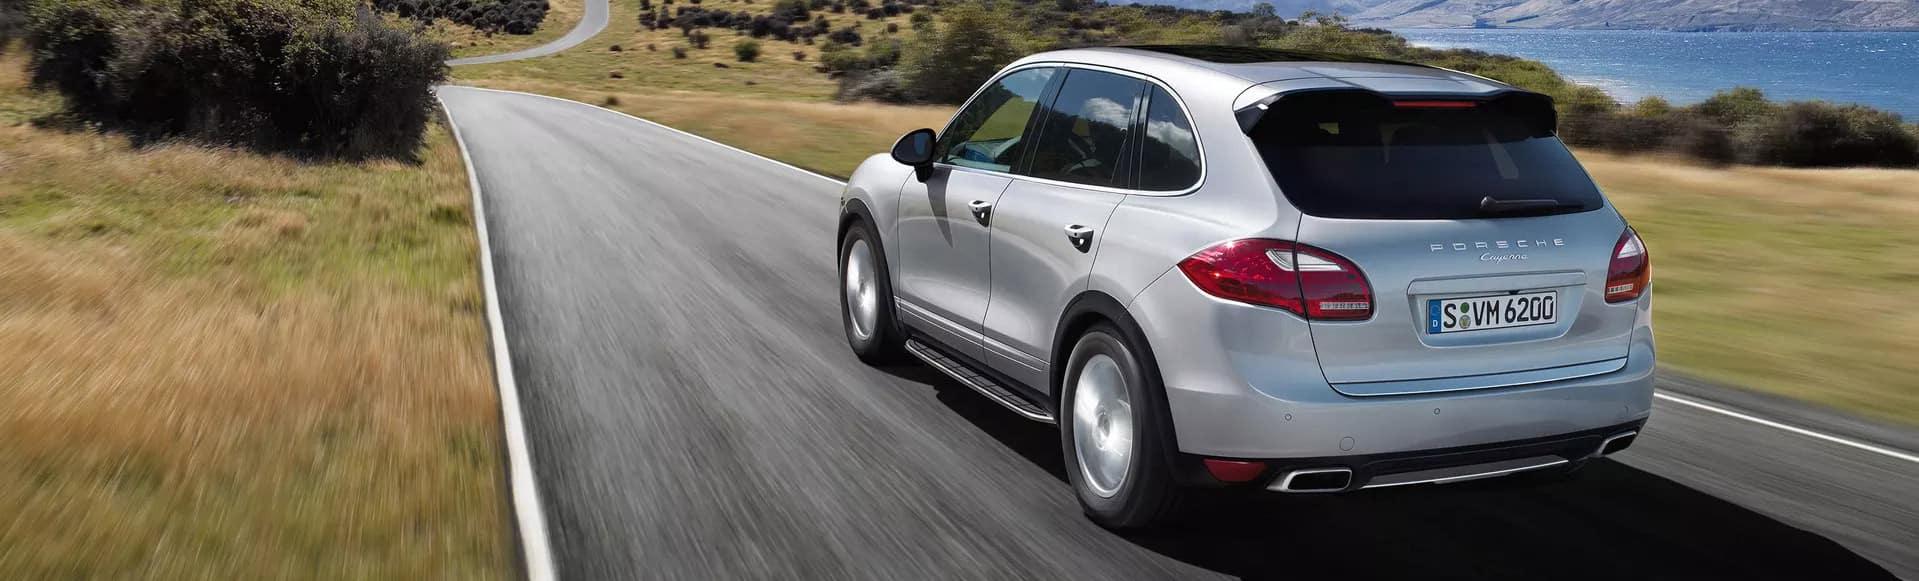 Porsche Certified Pre-Owned Unlimited Mileage Warranty